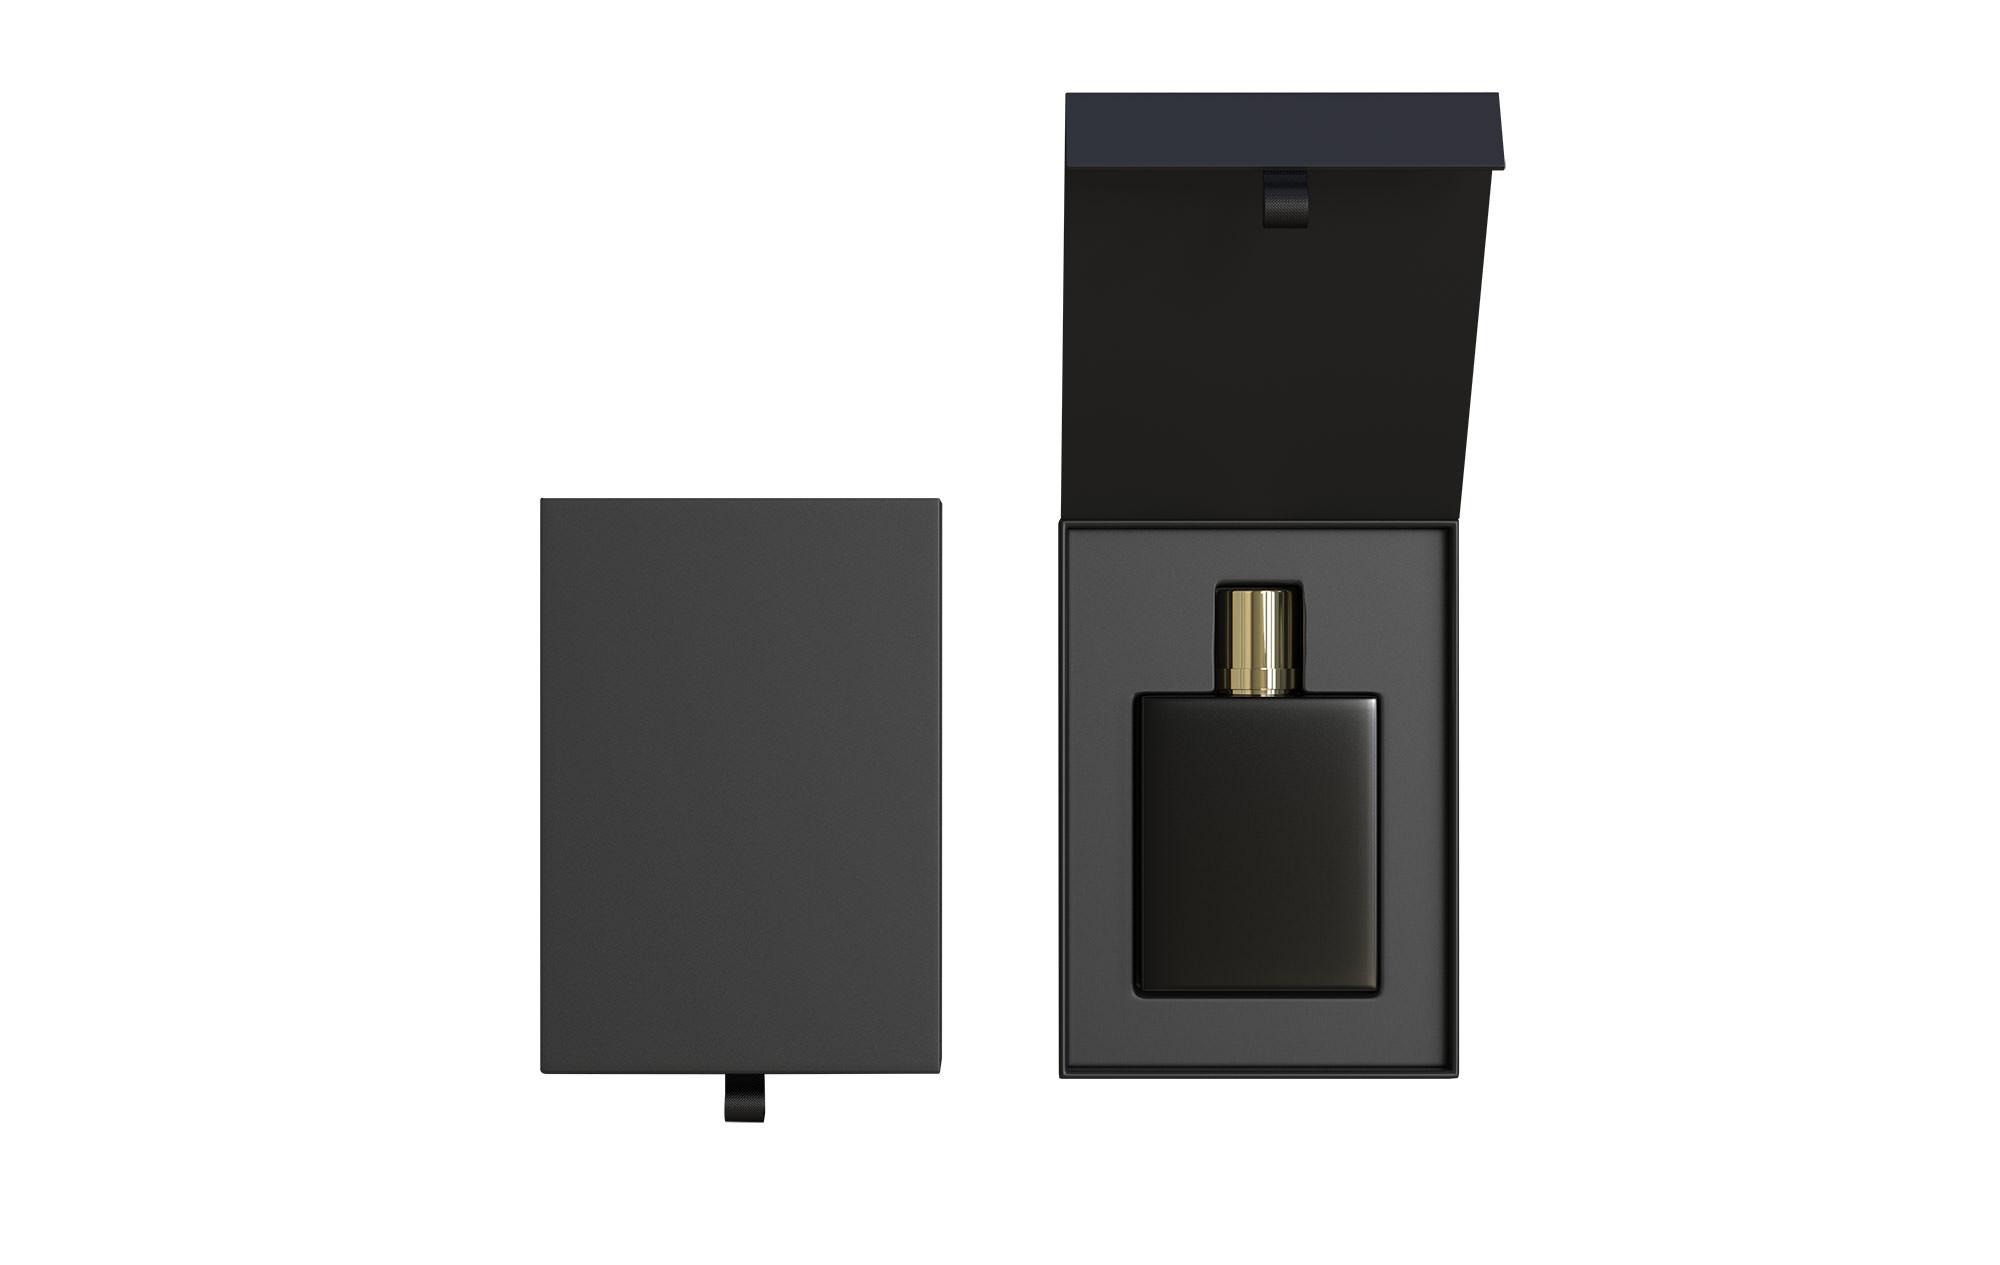 Parfüm Produkt Freisteller nachher